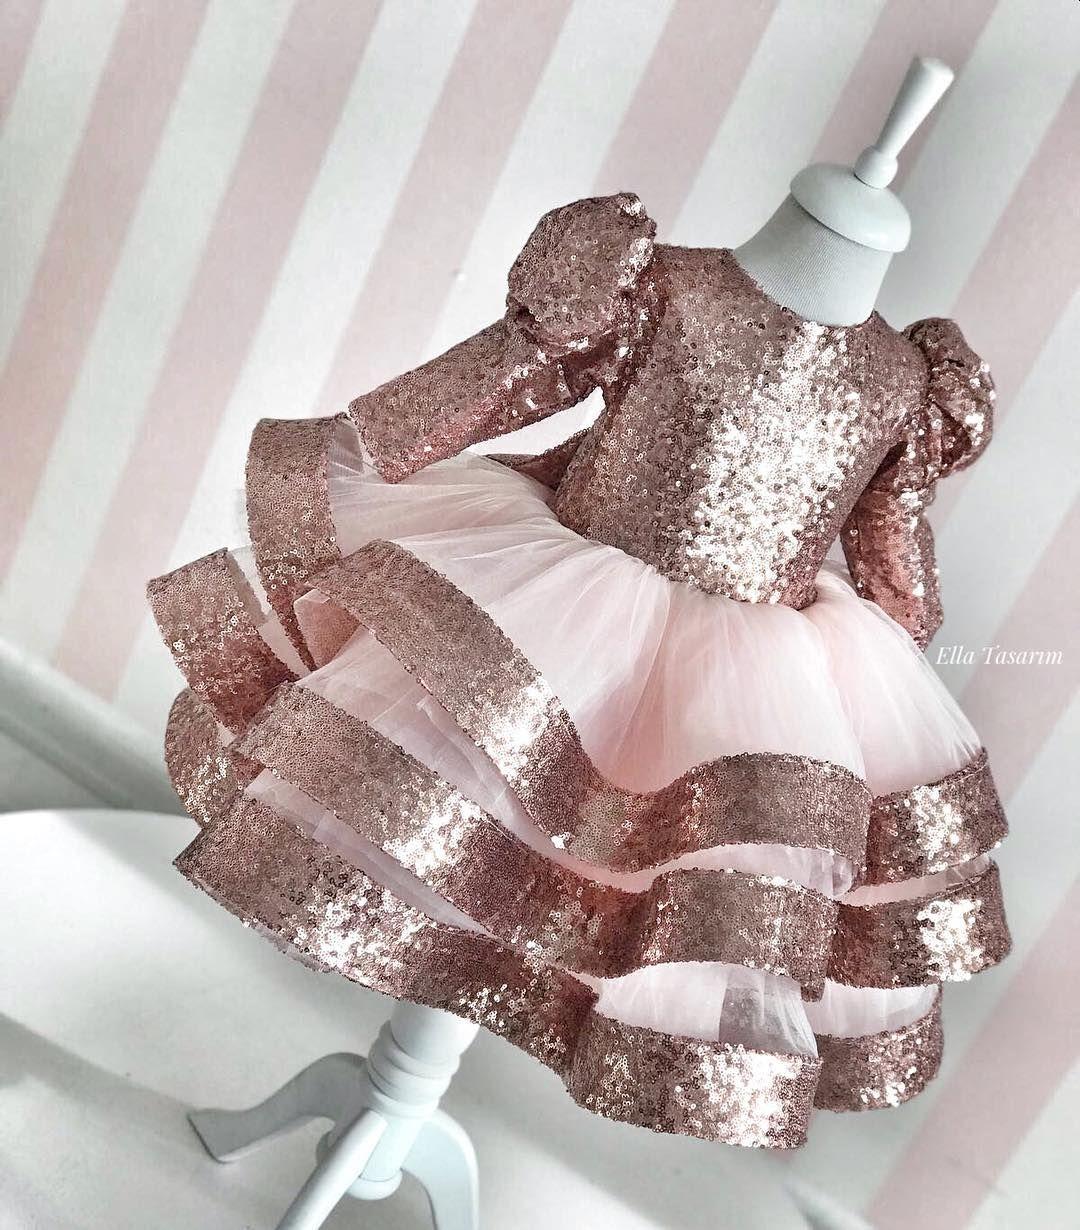 Sevgili Takipcilerimiz Tarafindan Cok Begenilen Elsa Modelimizin Yepyeni Renkleri Sizlerle Dogum Gunu Elbiseleri The Dress Sirin Elbiseler